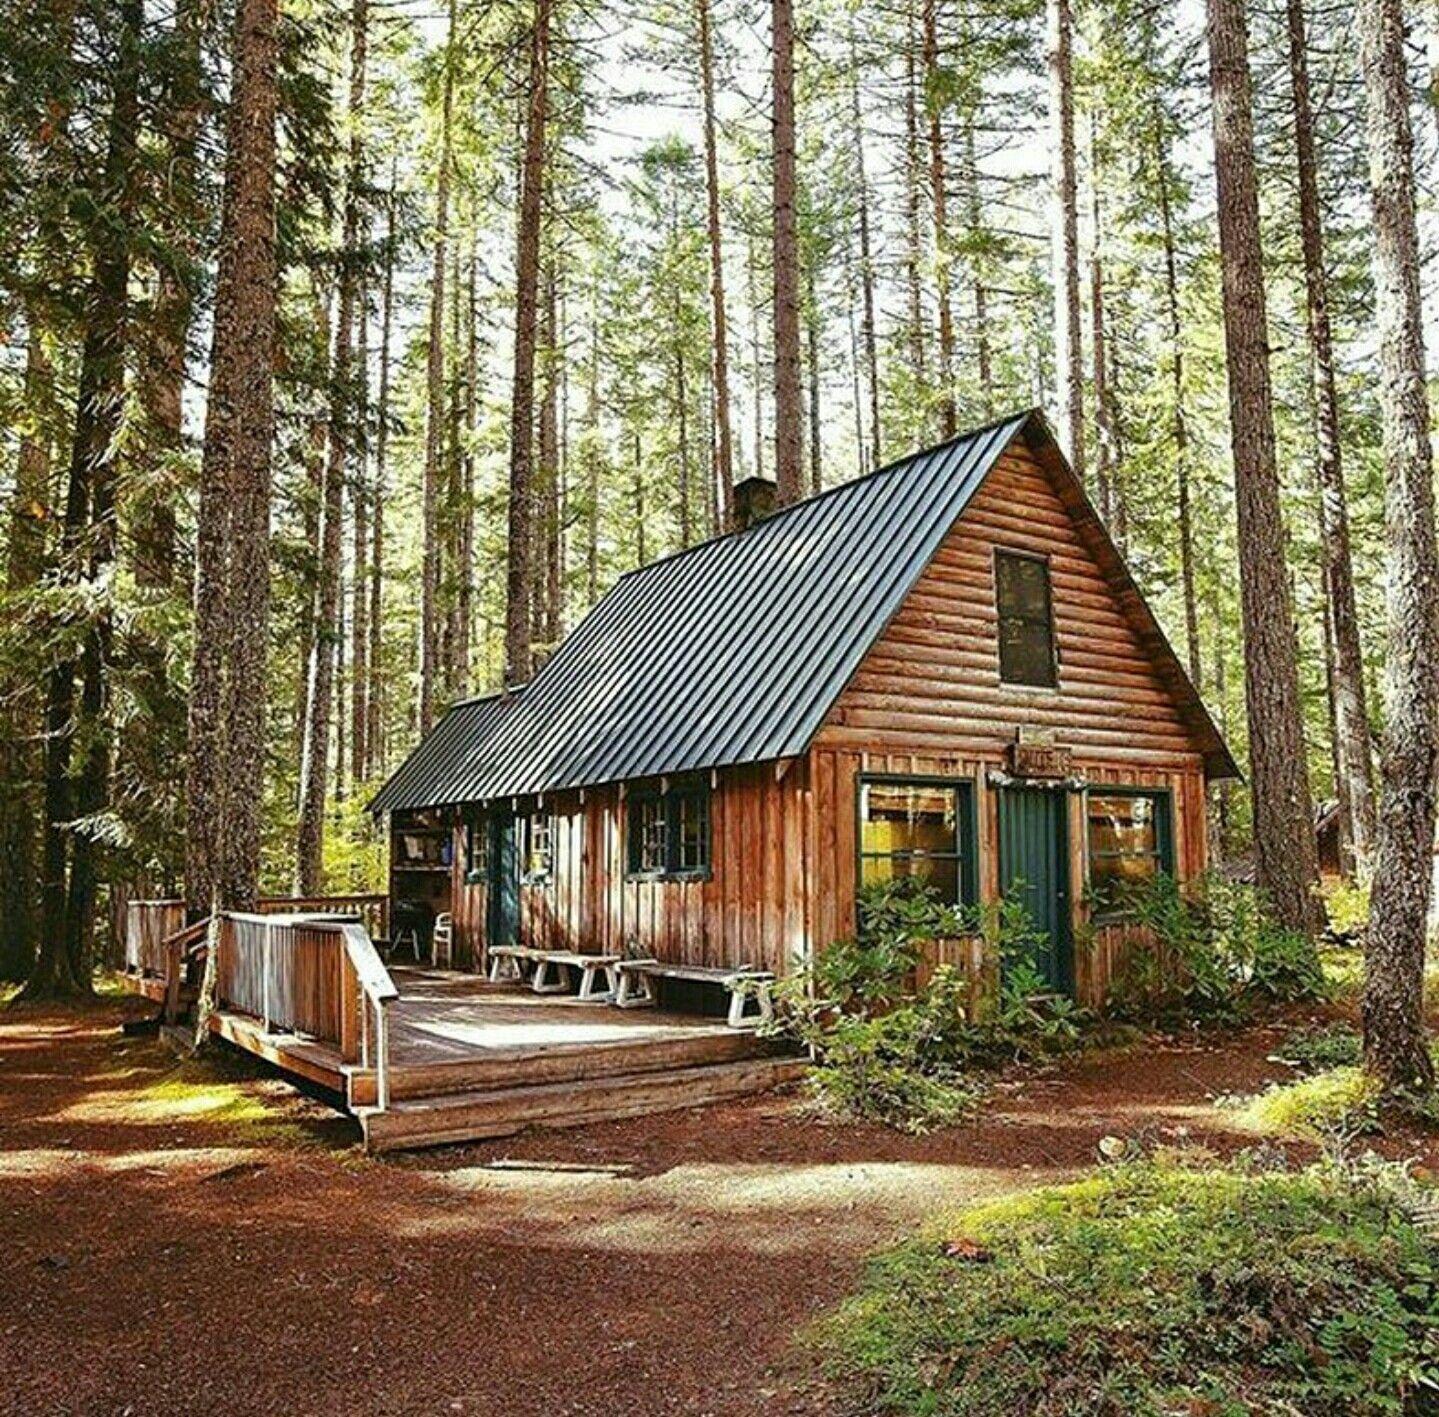 Blockbohlenhaus Mit Dem Satteldach Im Wald. Mehr Auf Www